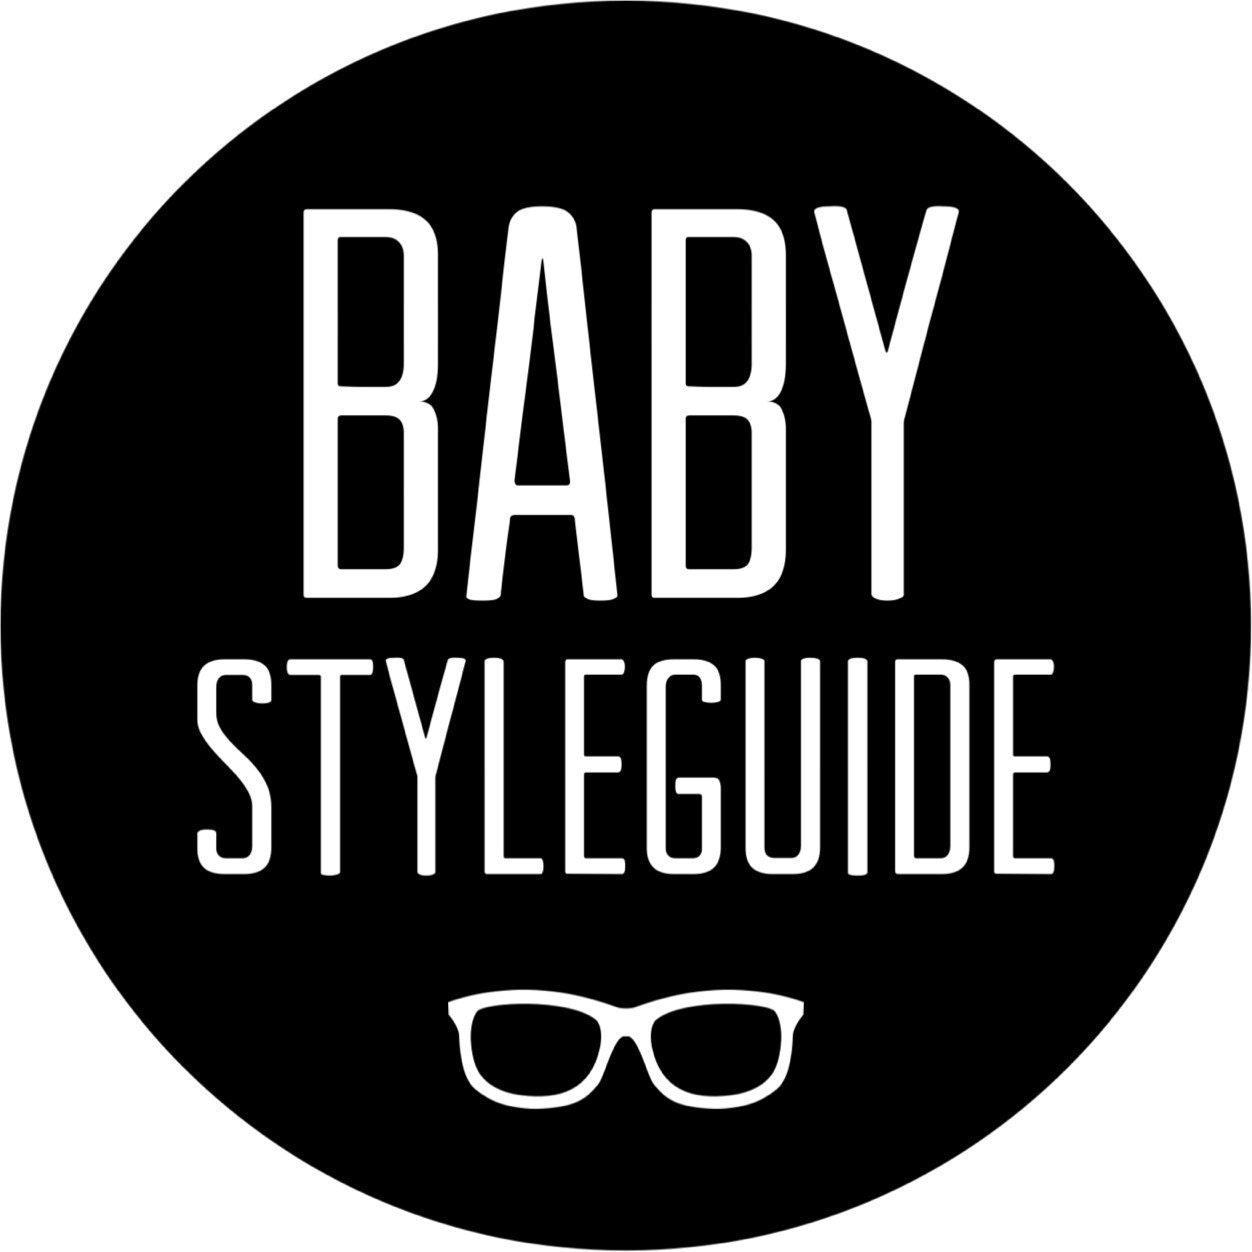 BabyStyleGuide